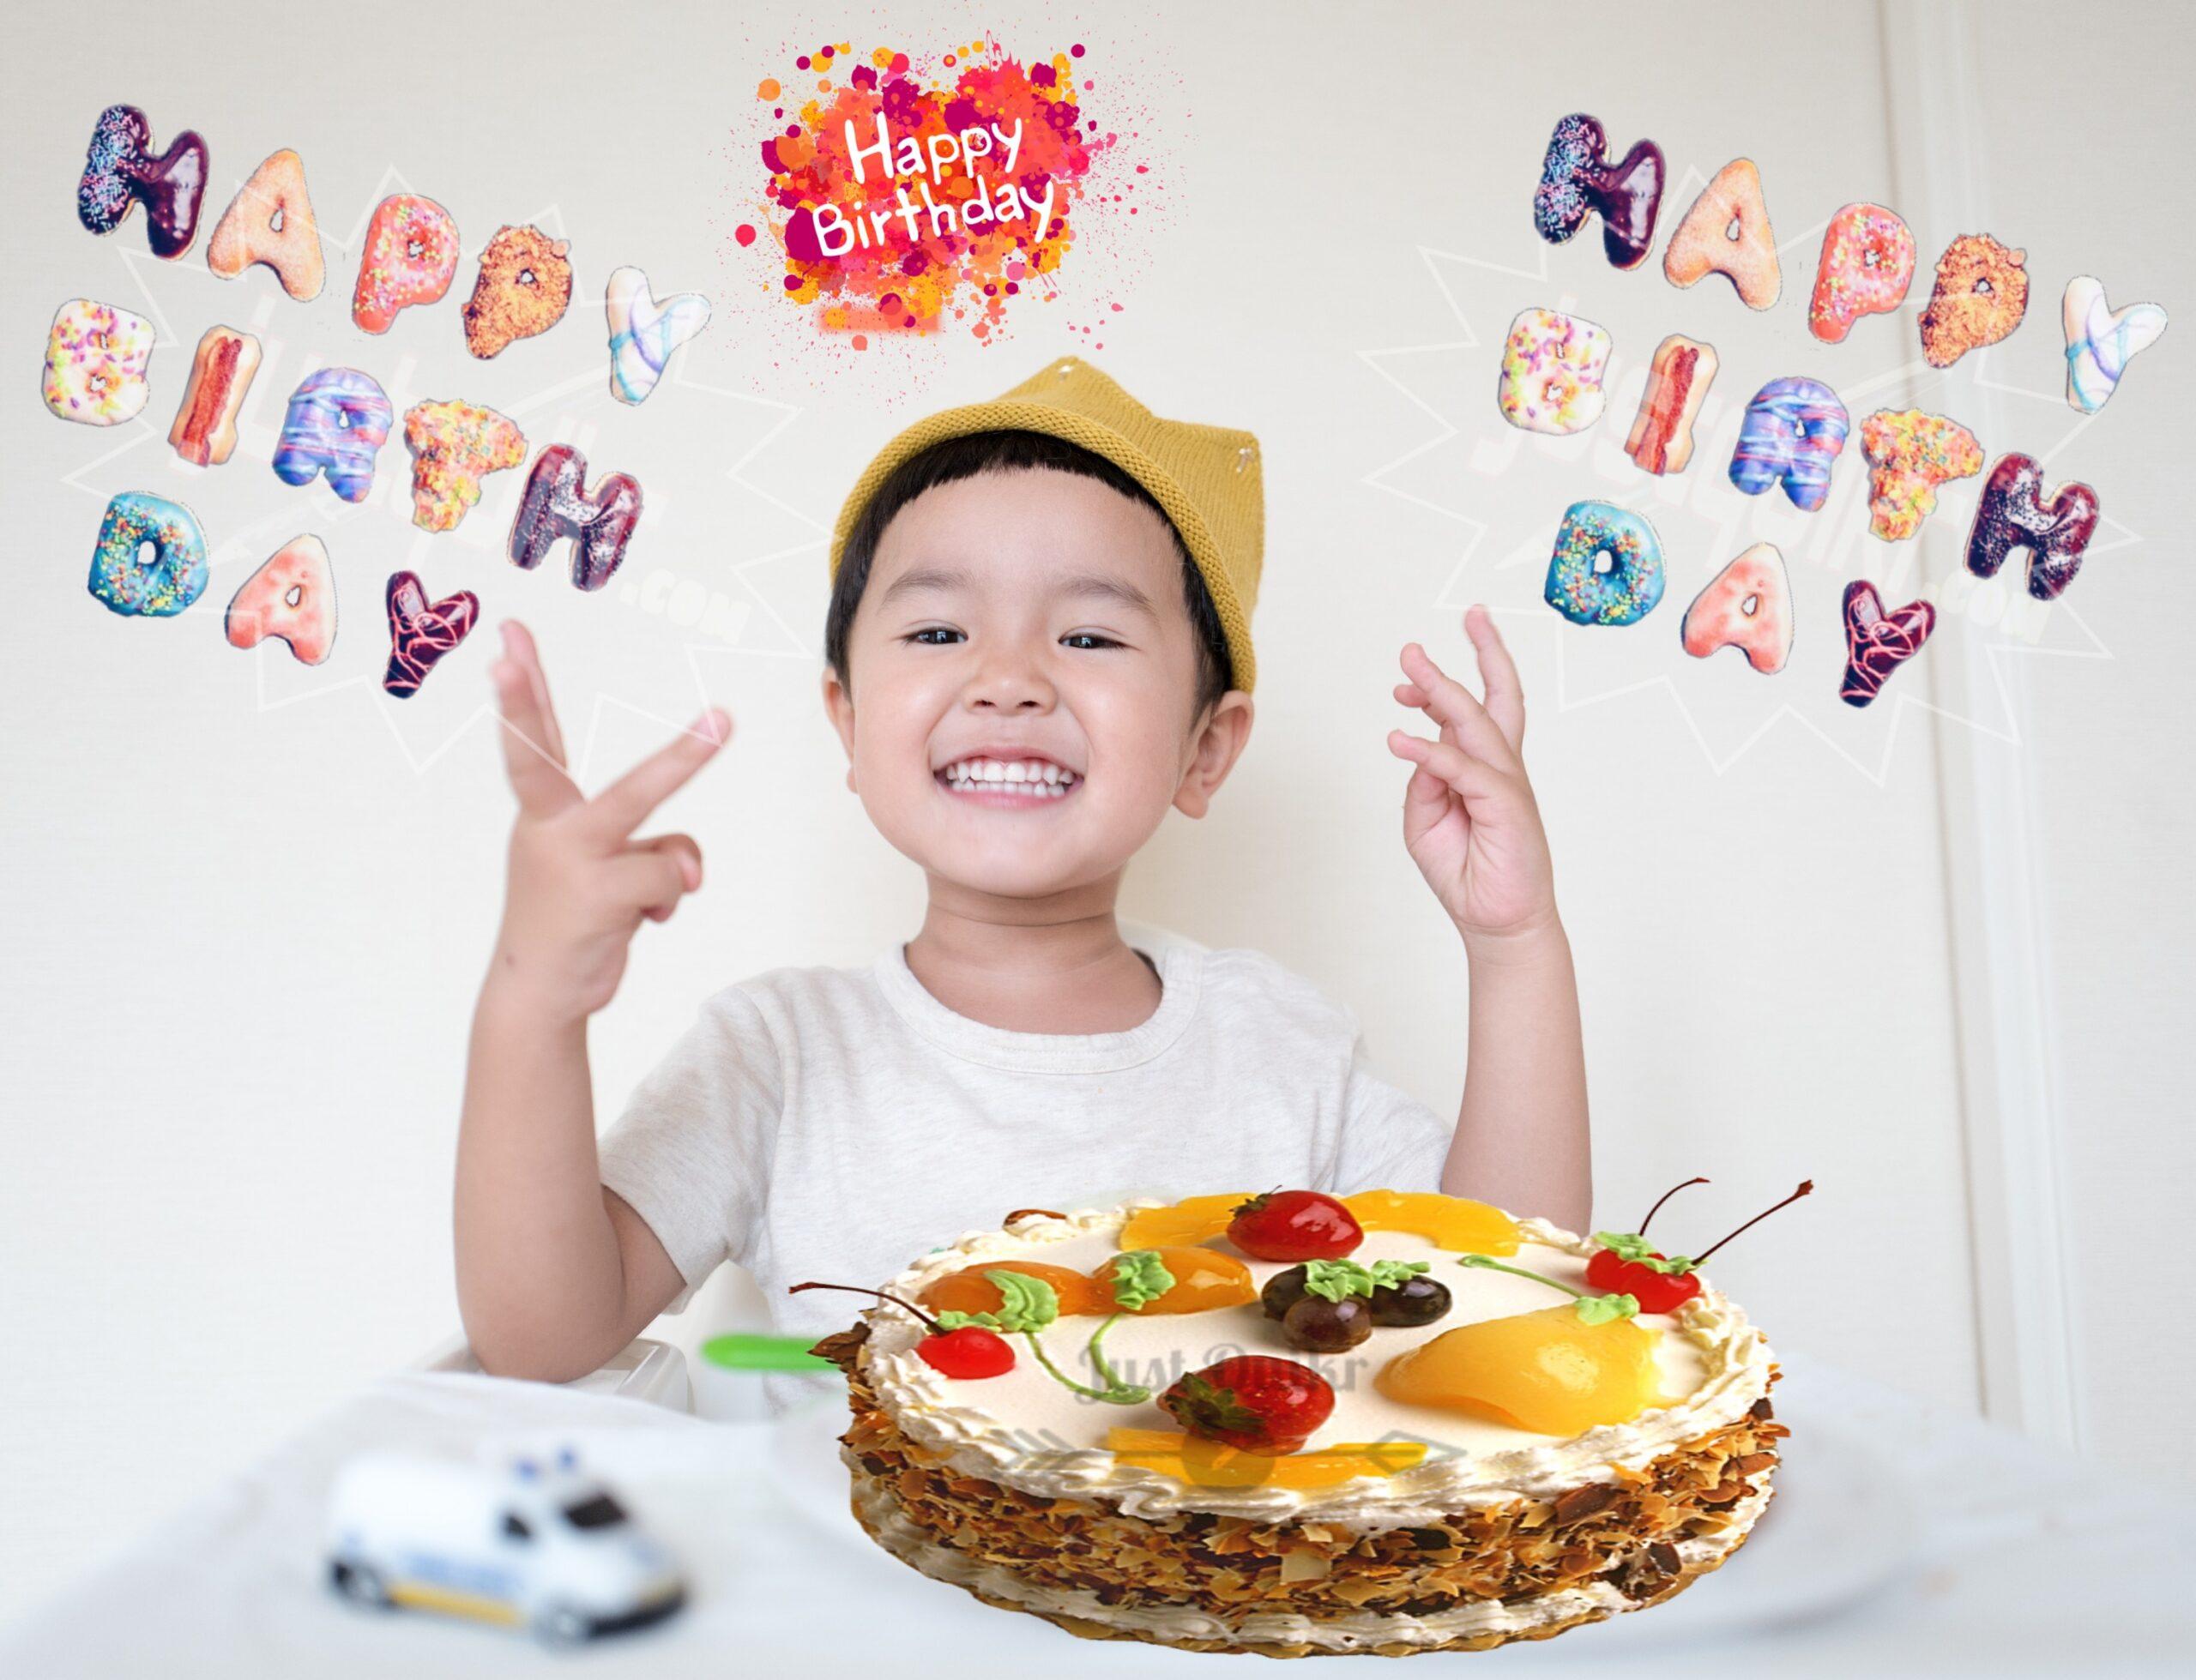 CreativeHappy Birthday Wishing Cake Status Images for Kids